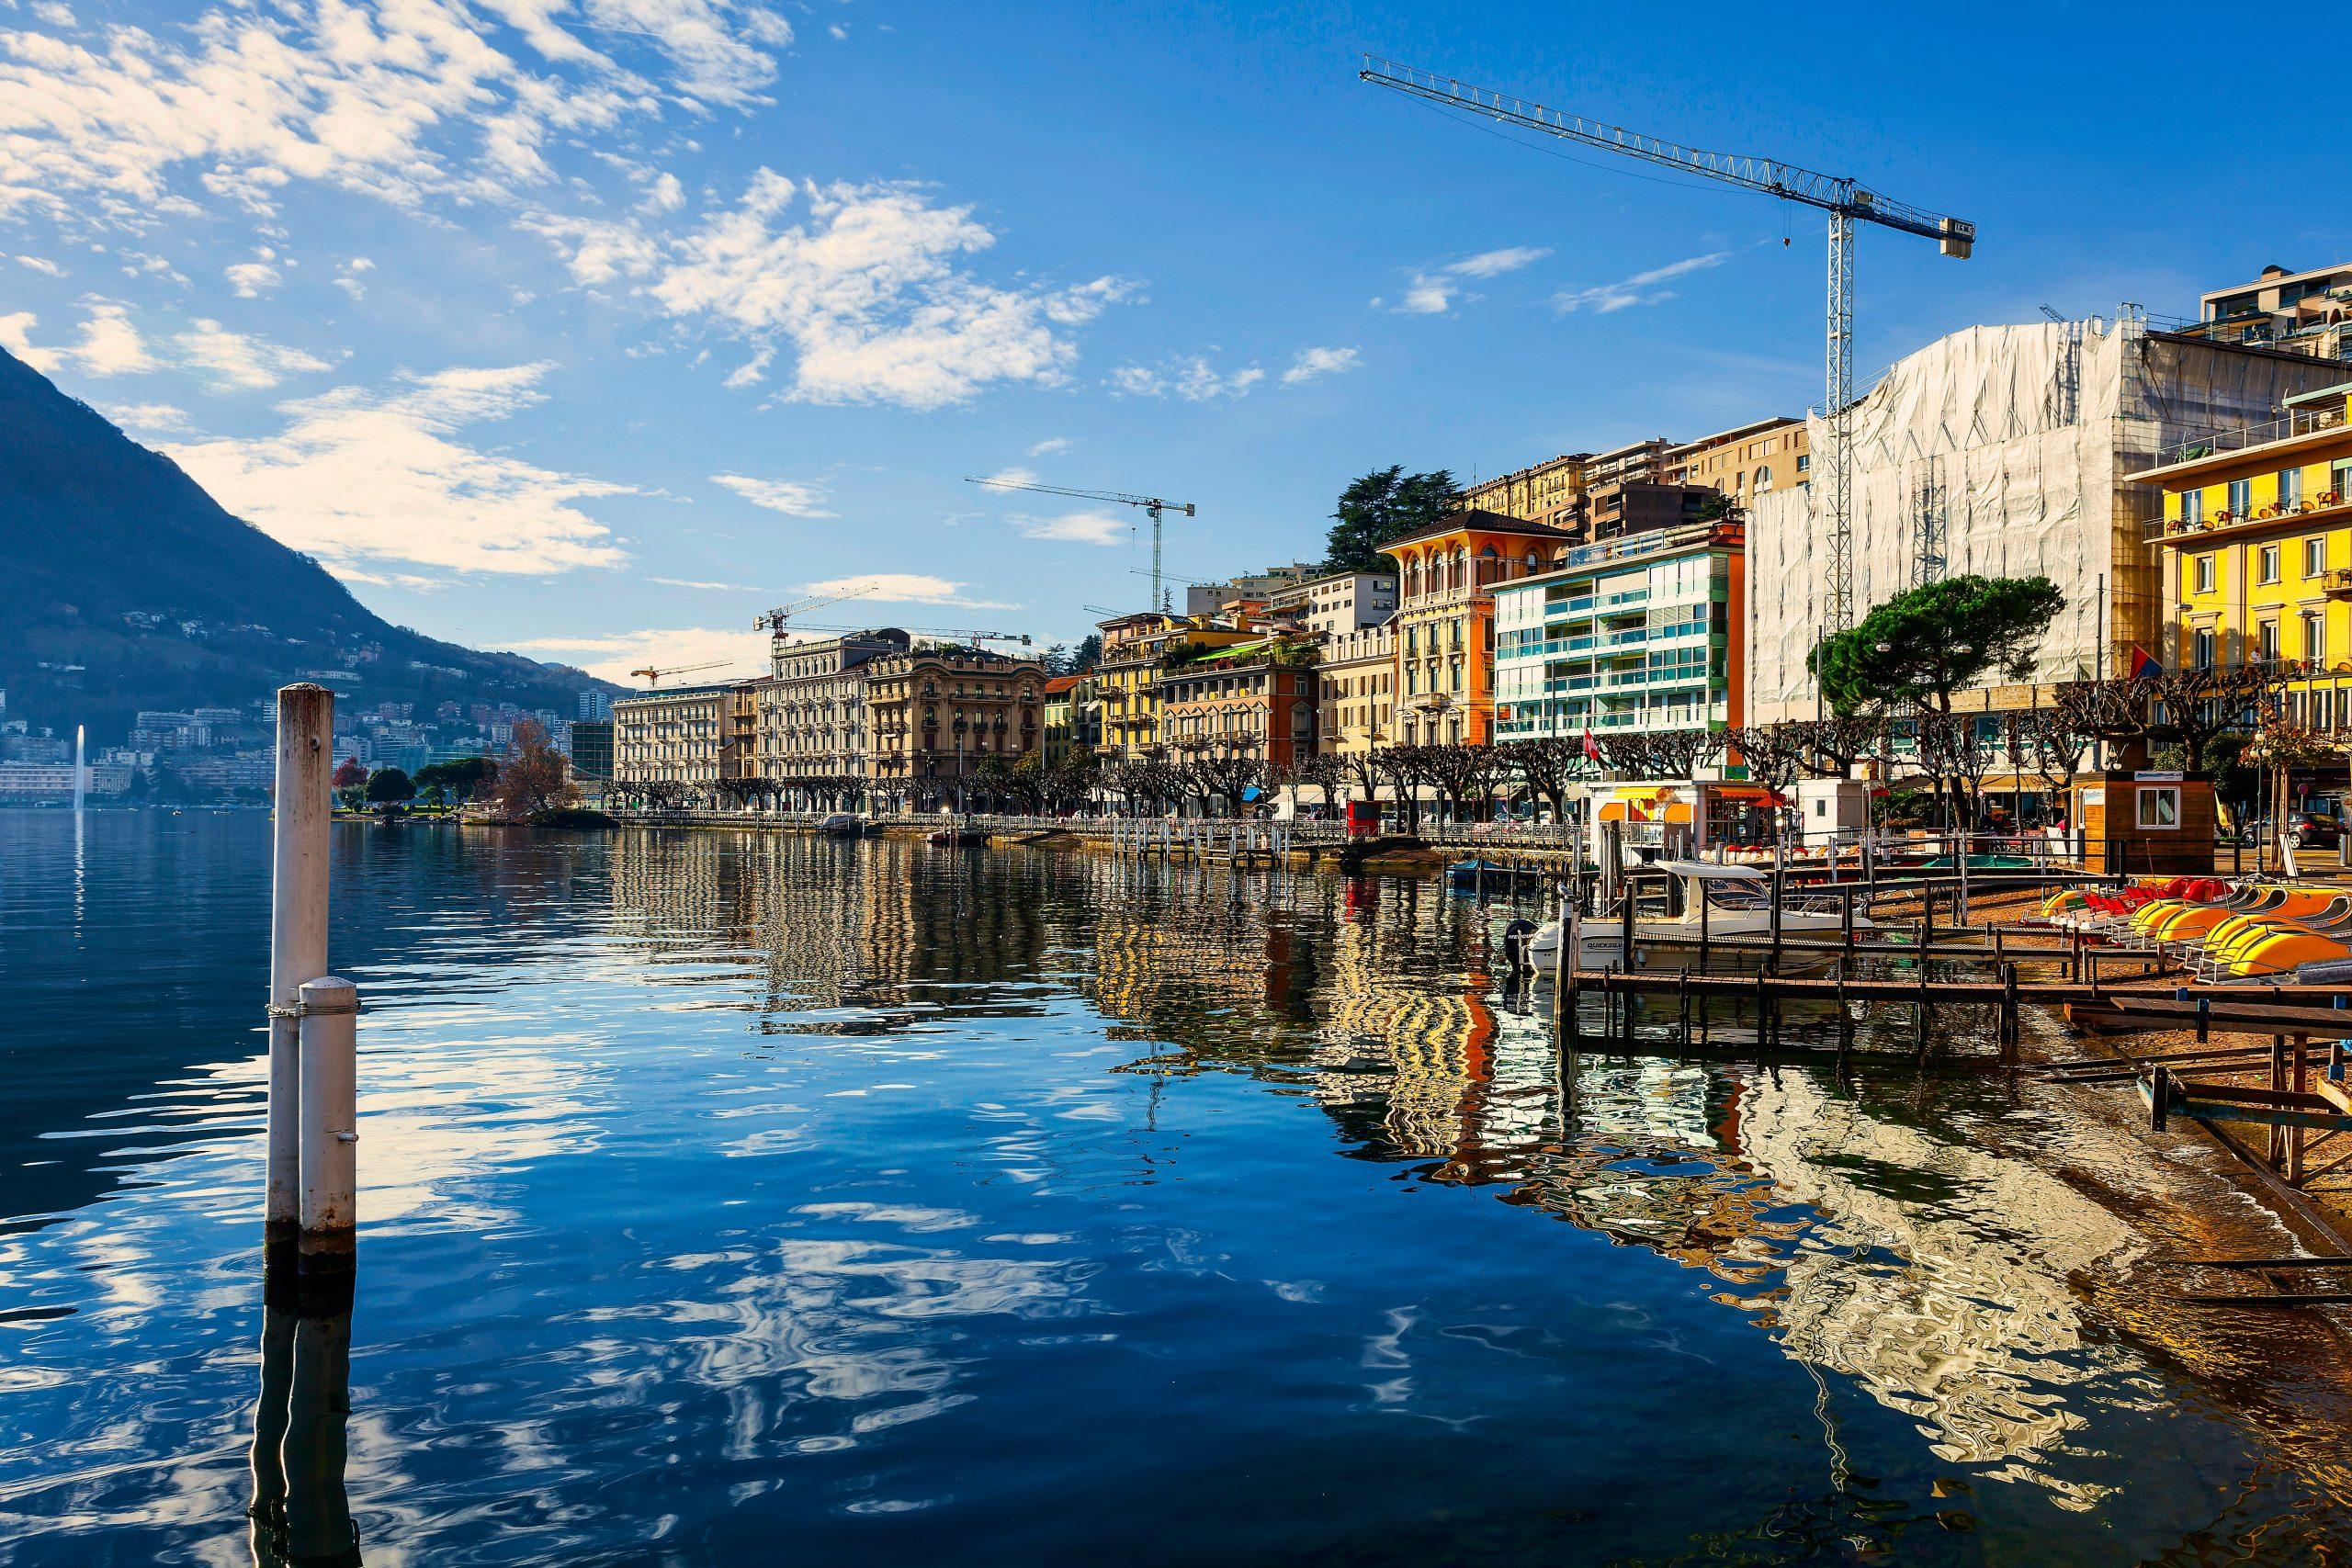 В каком кантоне лучше зарегистрировать компанию в Швейцарии?